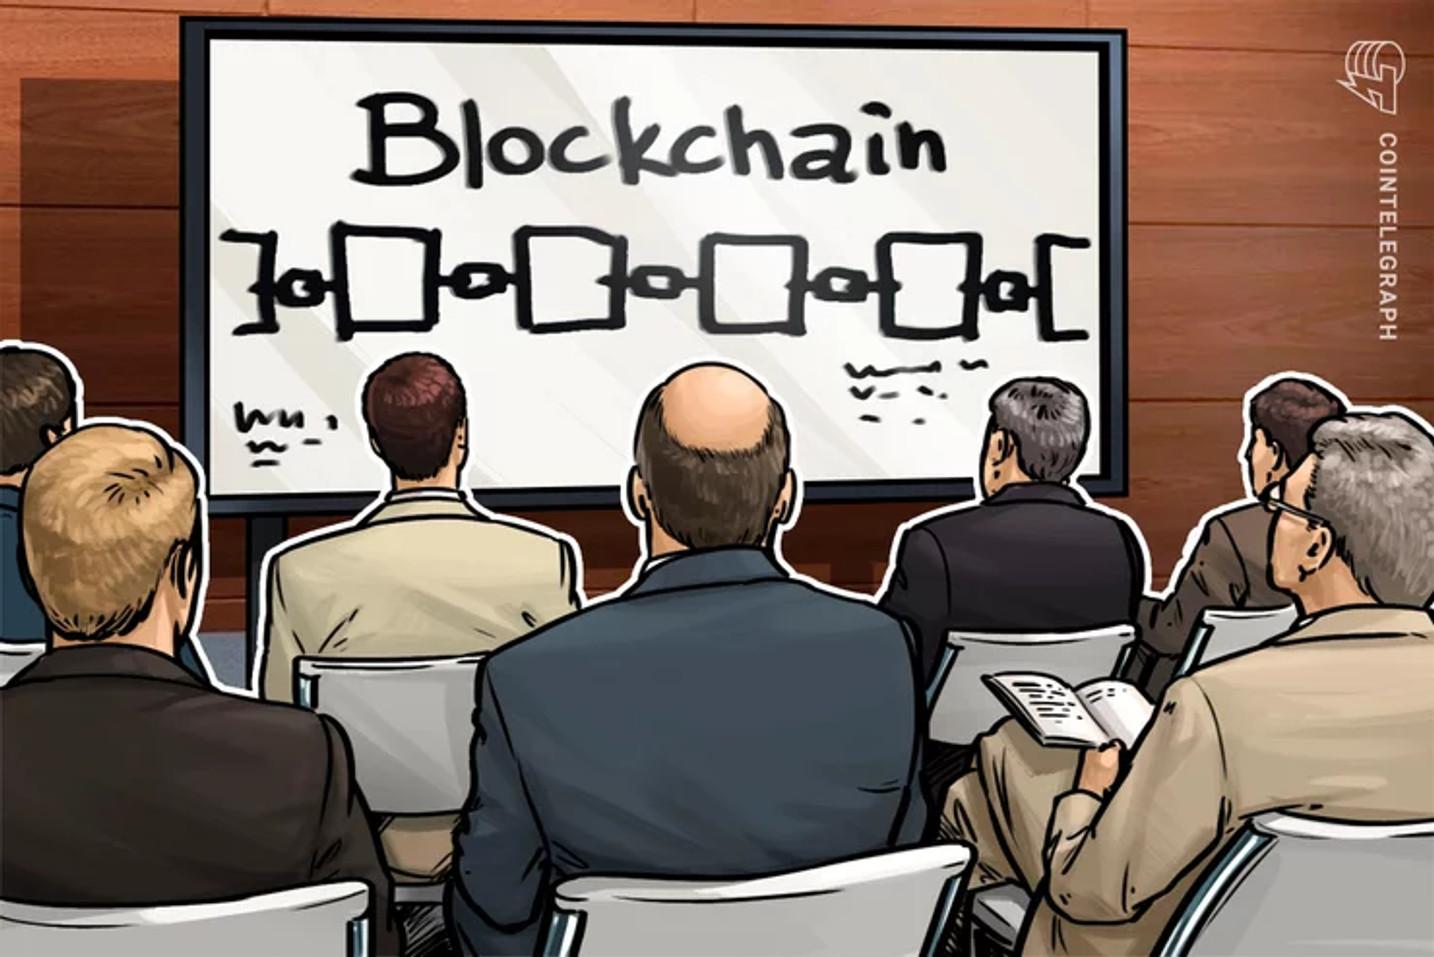 Depois da industria 4.0 agora é hora do Gado de Corte 4.0, com blockchain e novas tecnologias